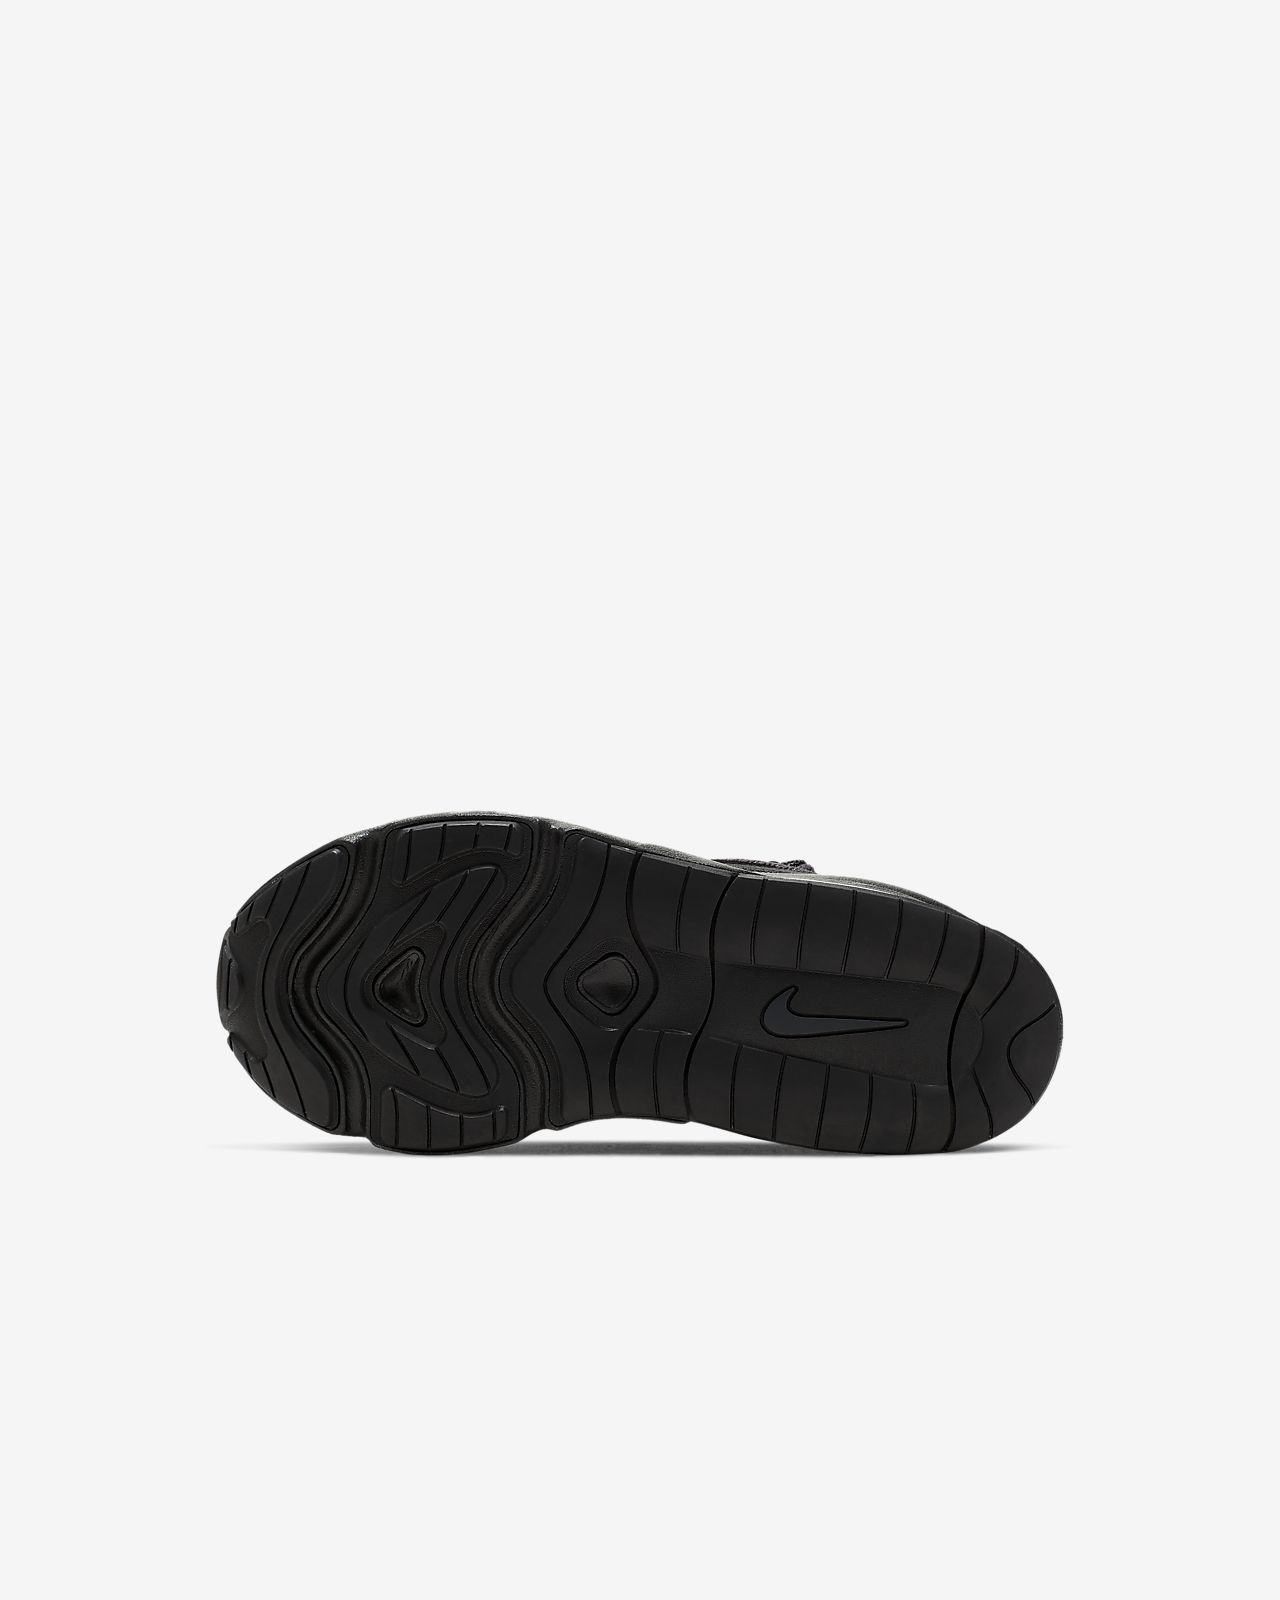 Sko Nike Air Max 200 för barn